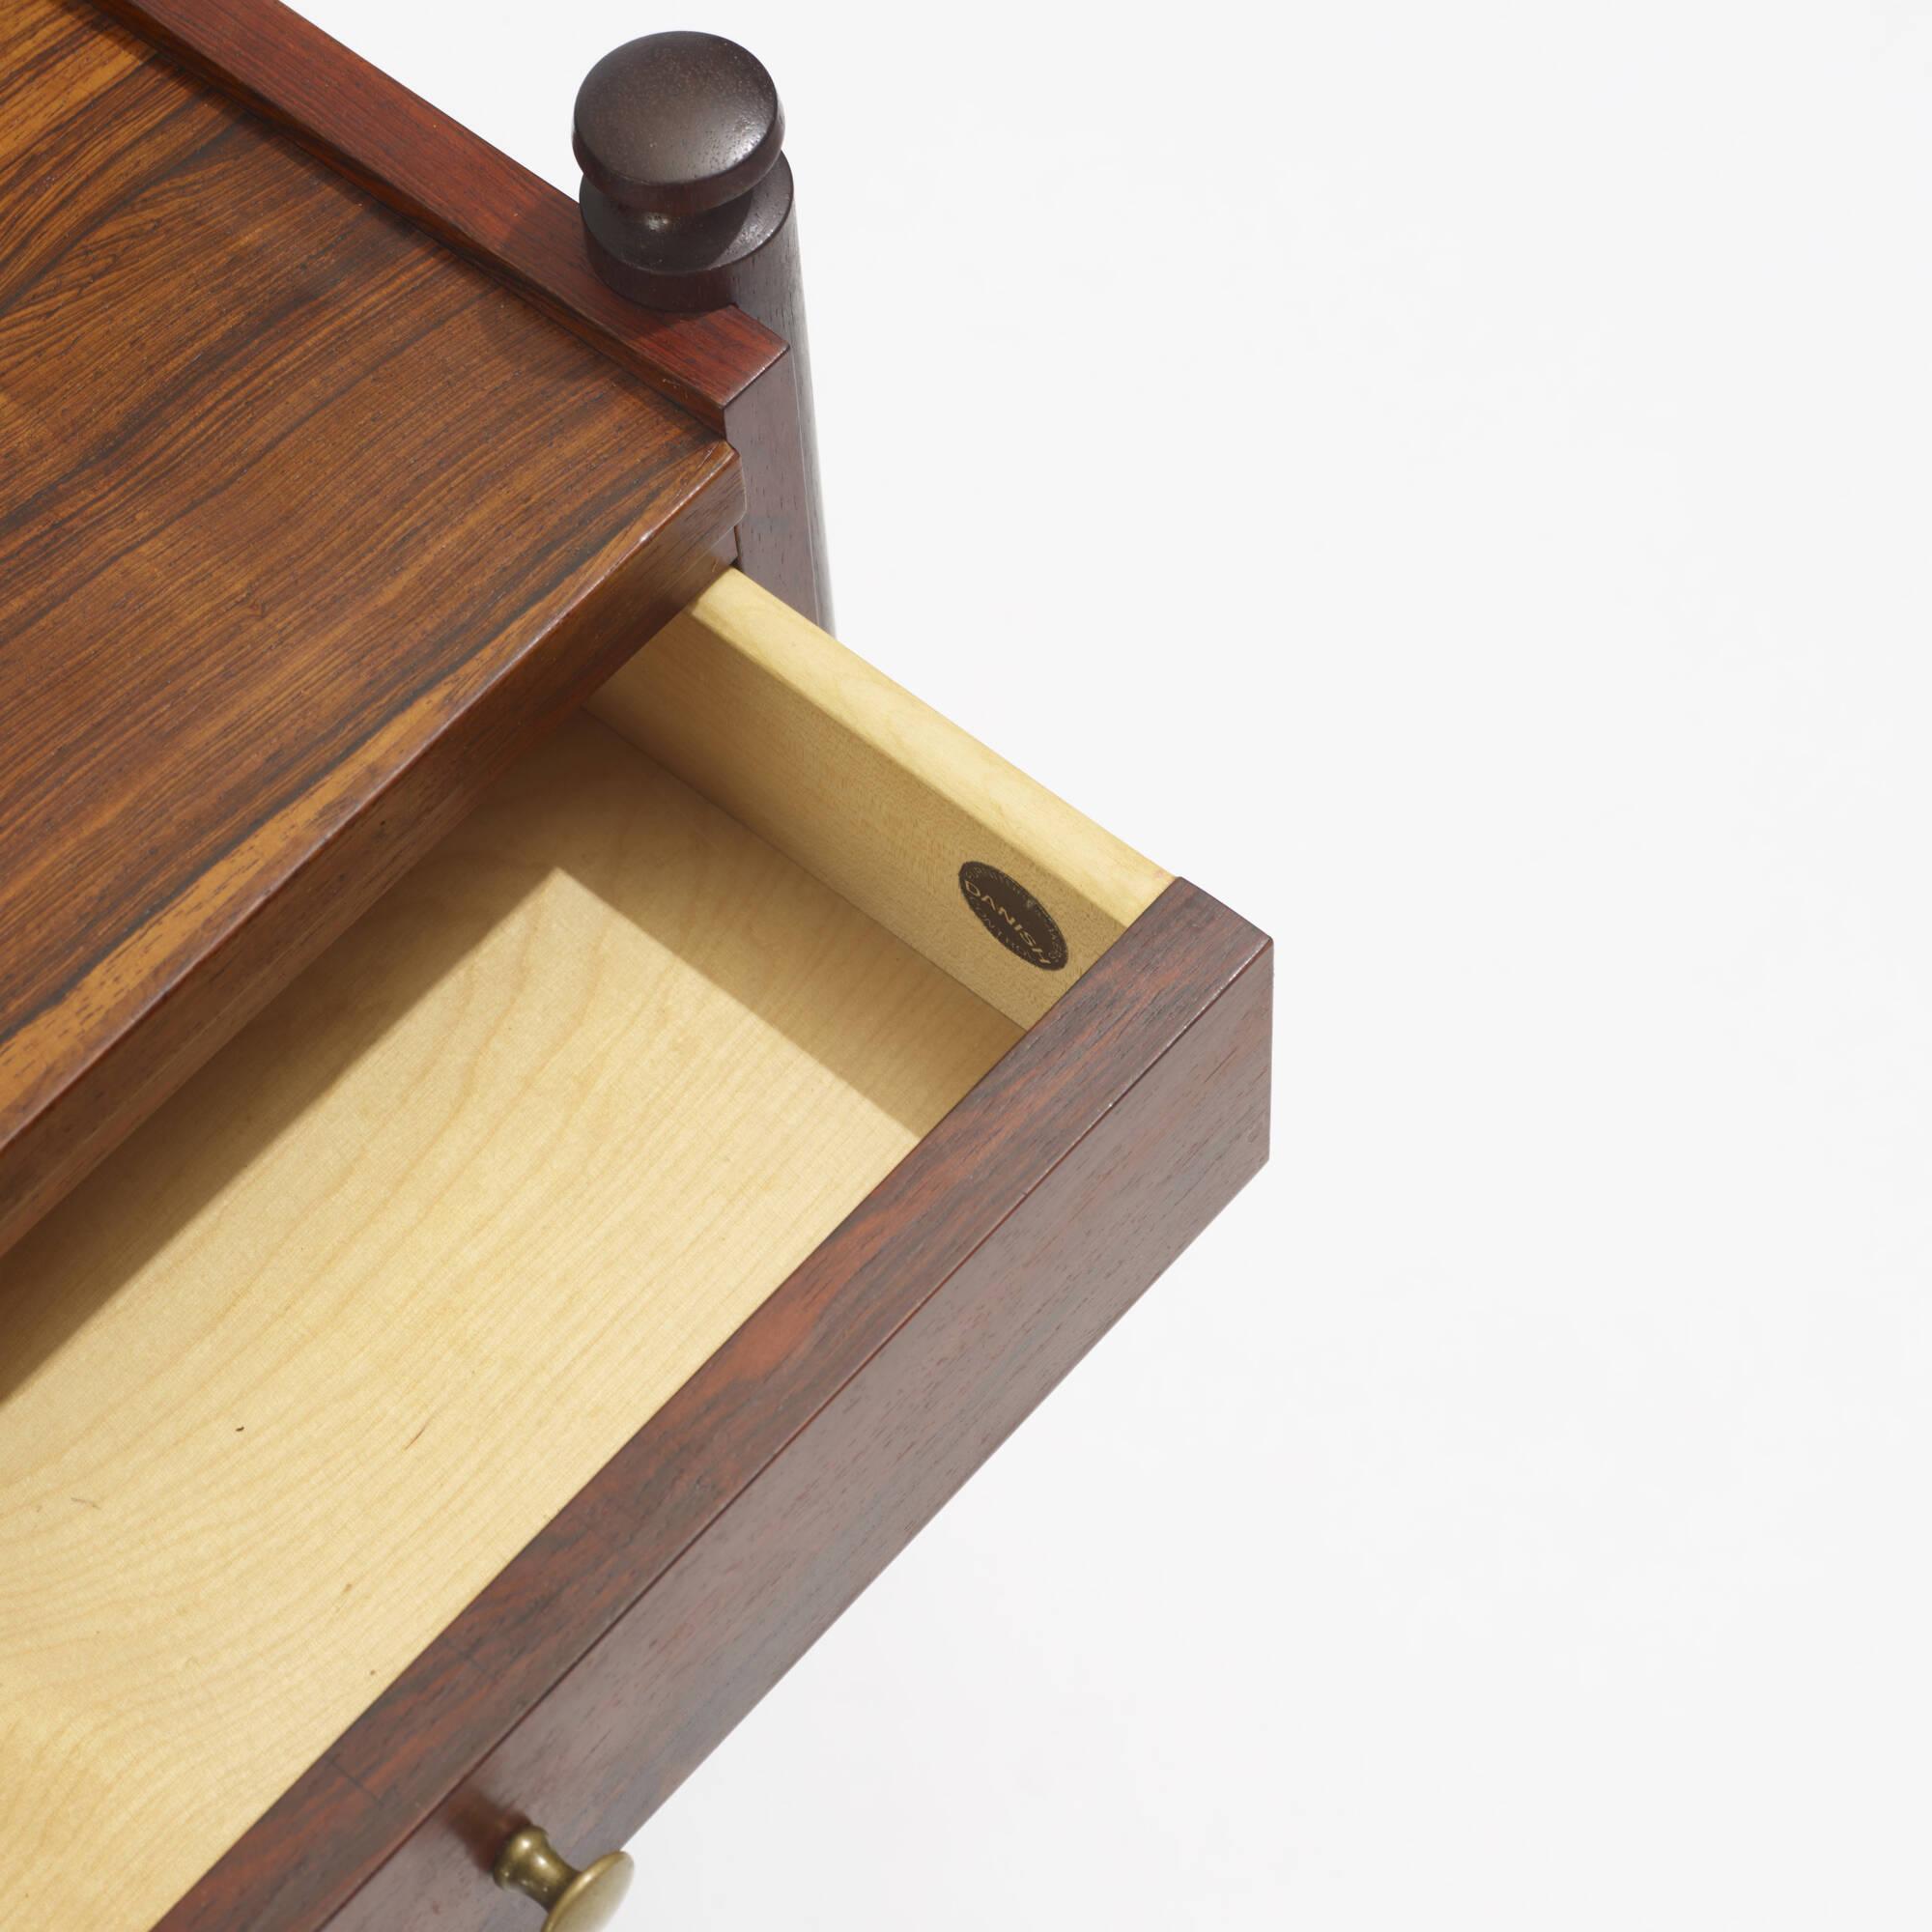 142: Brouer Møbelfabrik / nightstands, pair (3 of 3)